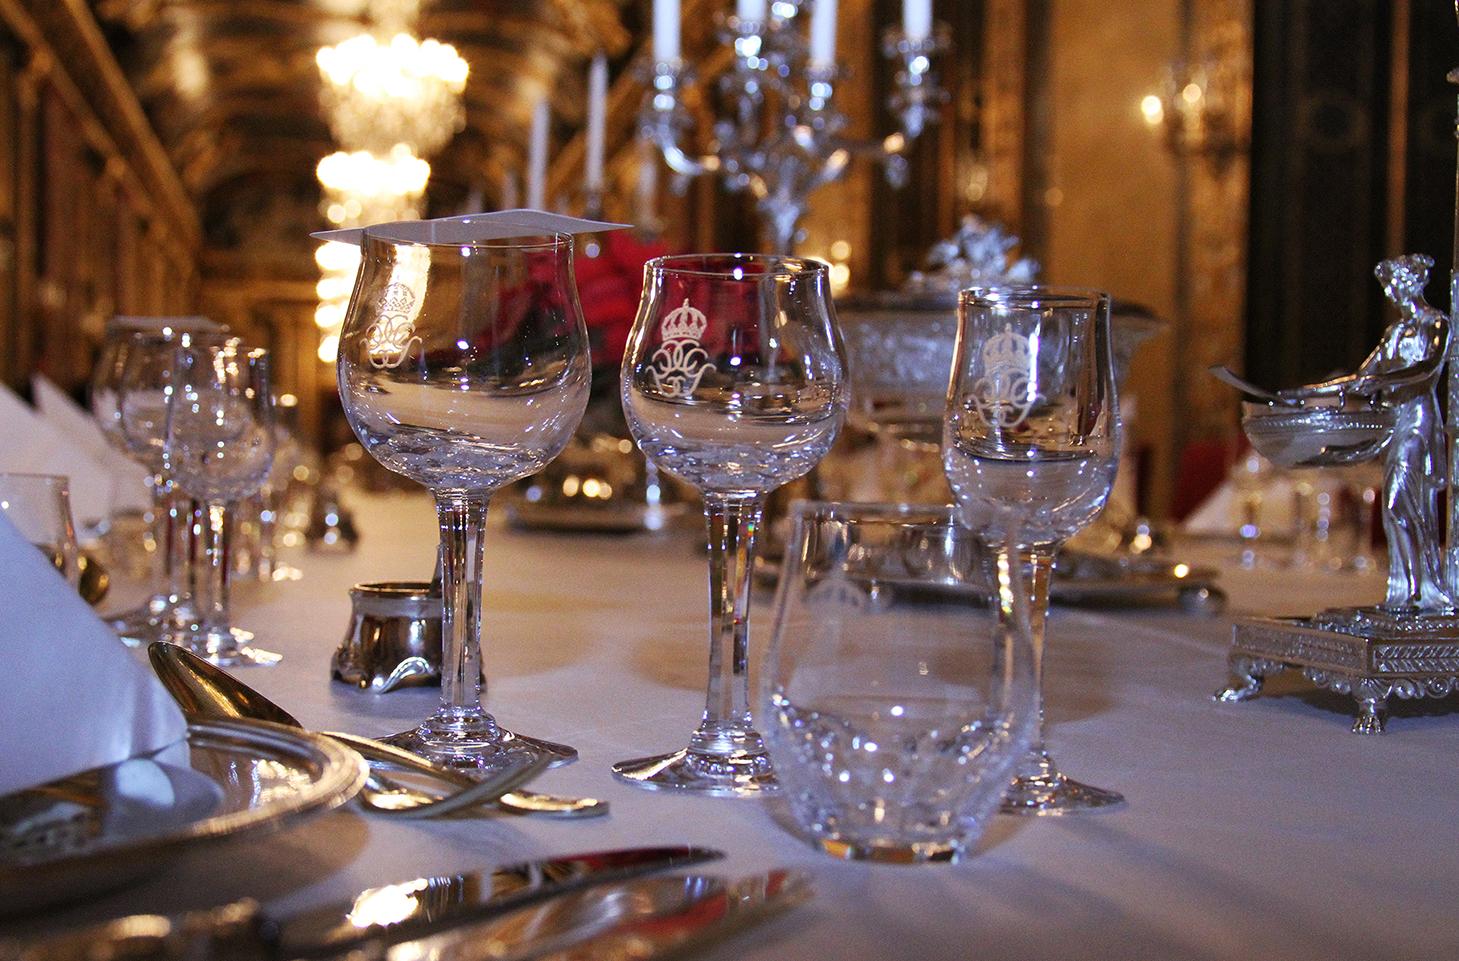 На столе хрустальный сервиз, подаренный королевской паре на их свадьбу  от правительства и парламента страны в 1976 г